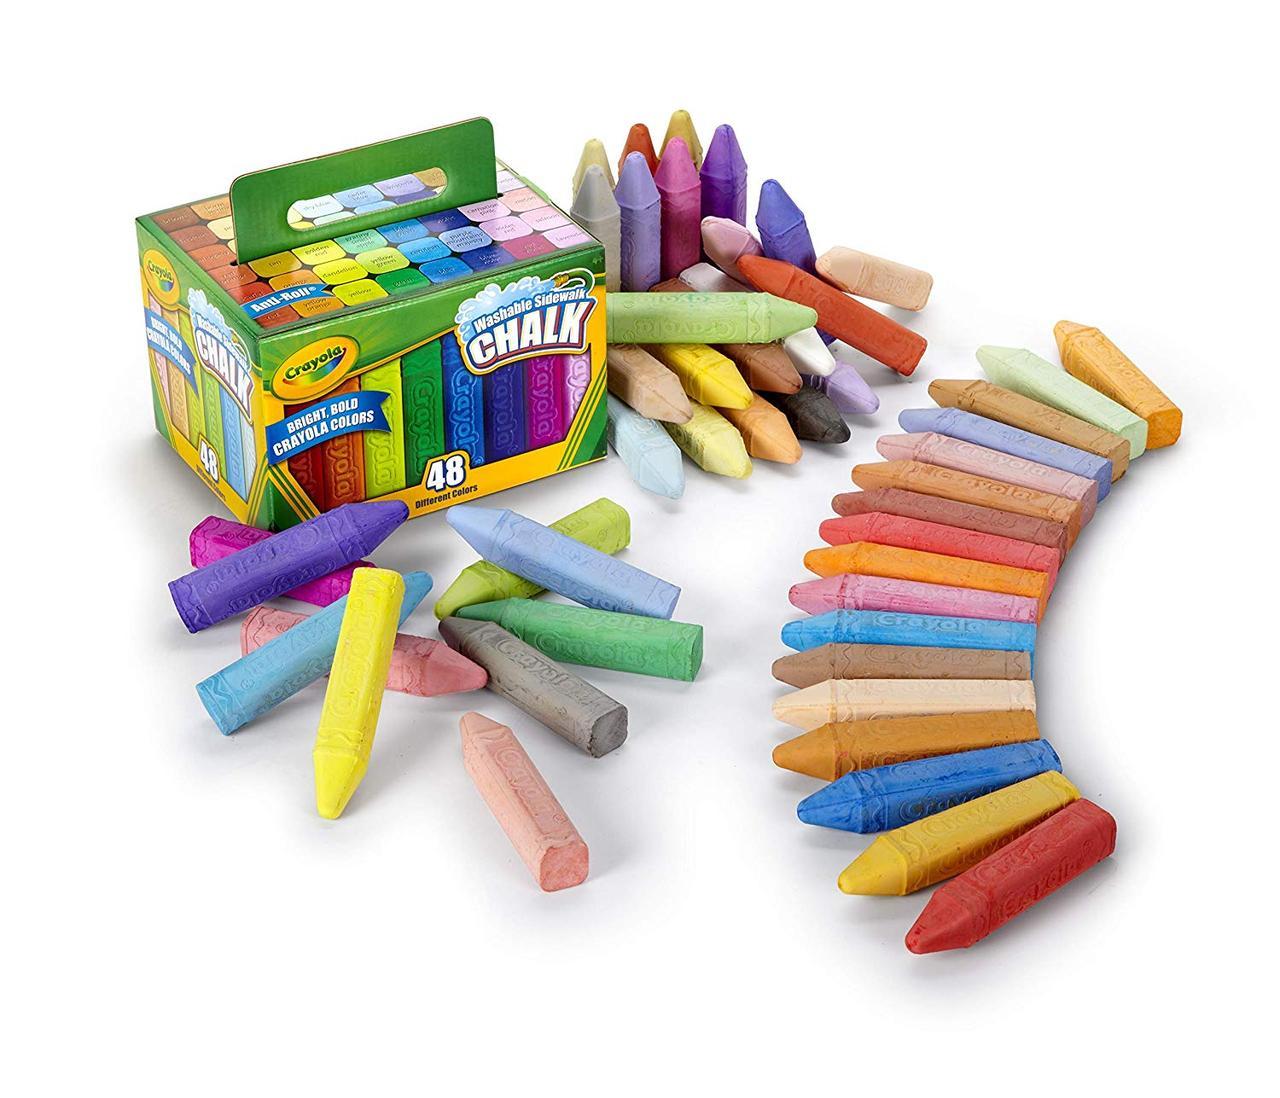 Crayola Крейда для малювання на асвальті,мольберті, дошці, фліпчарті. Washable Sidewalk Chalk, 48 штук, цена 585 грн., купить Самбір — Prom.ua (ID#1018533365)